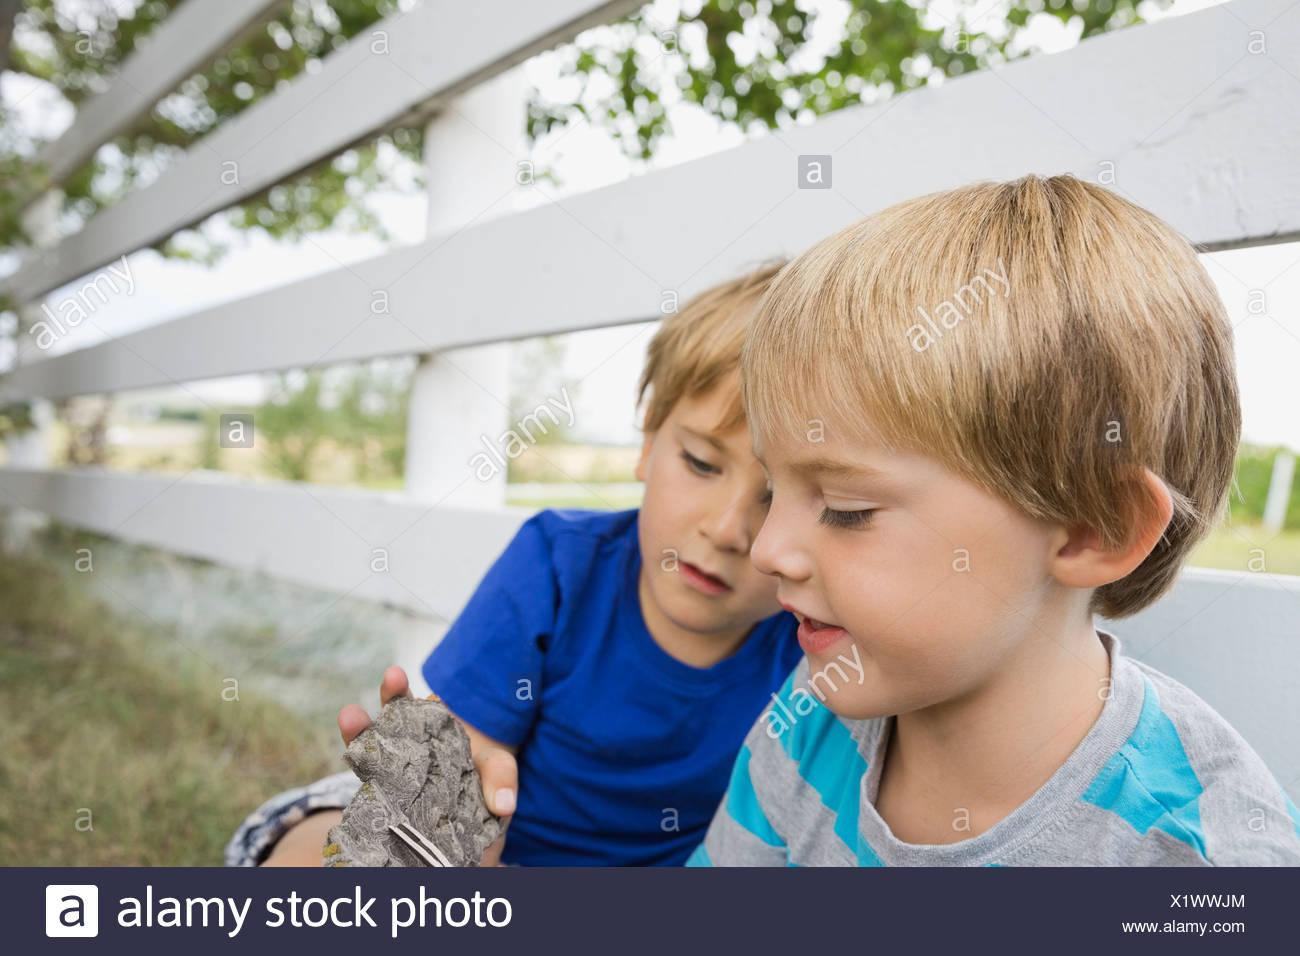 Los muchachos explorando la corteza de los árboles Imagen De Stock